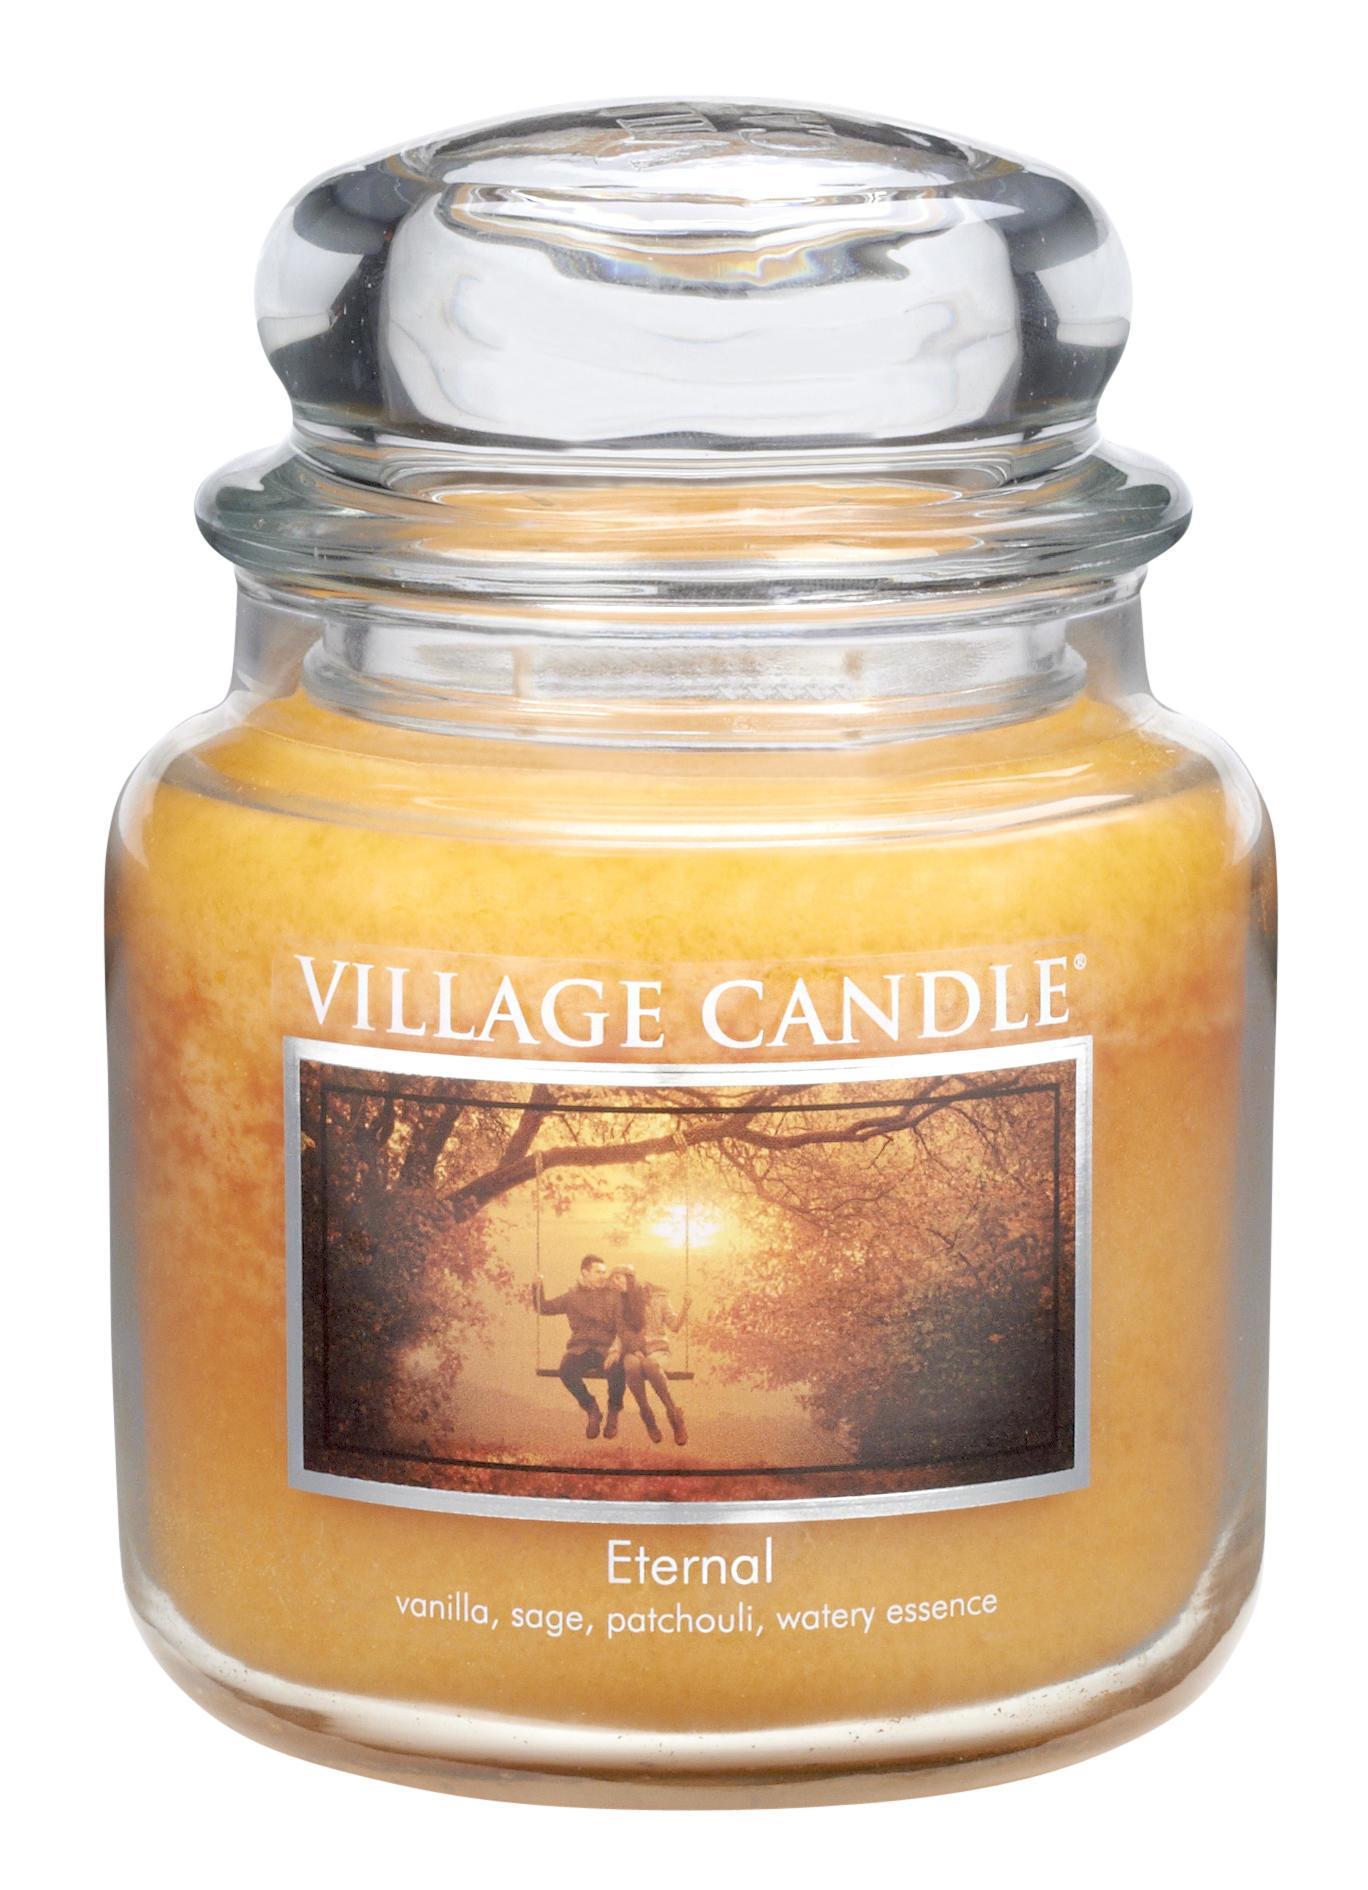 VILLAGE CANDLE Svíčka ve skle Eternal - střední, žlutá barva, sklo